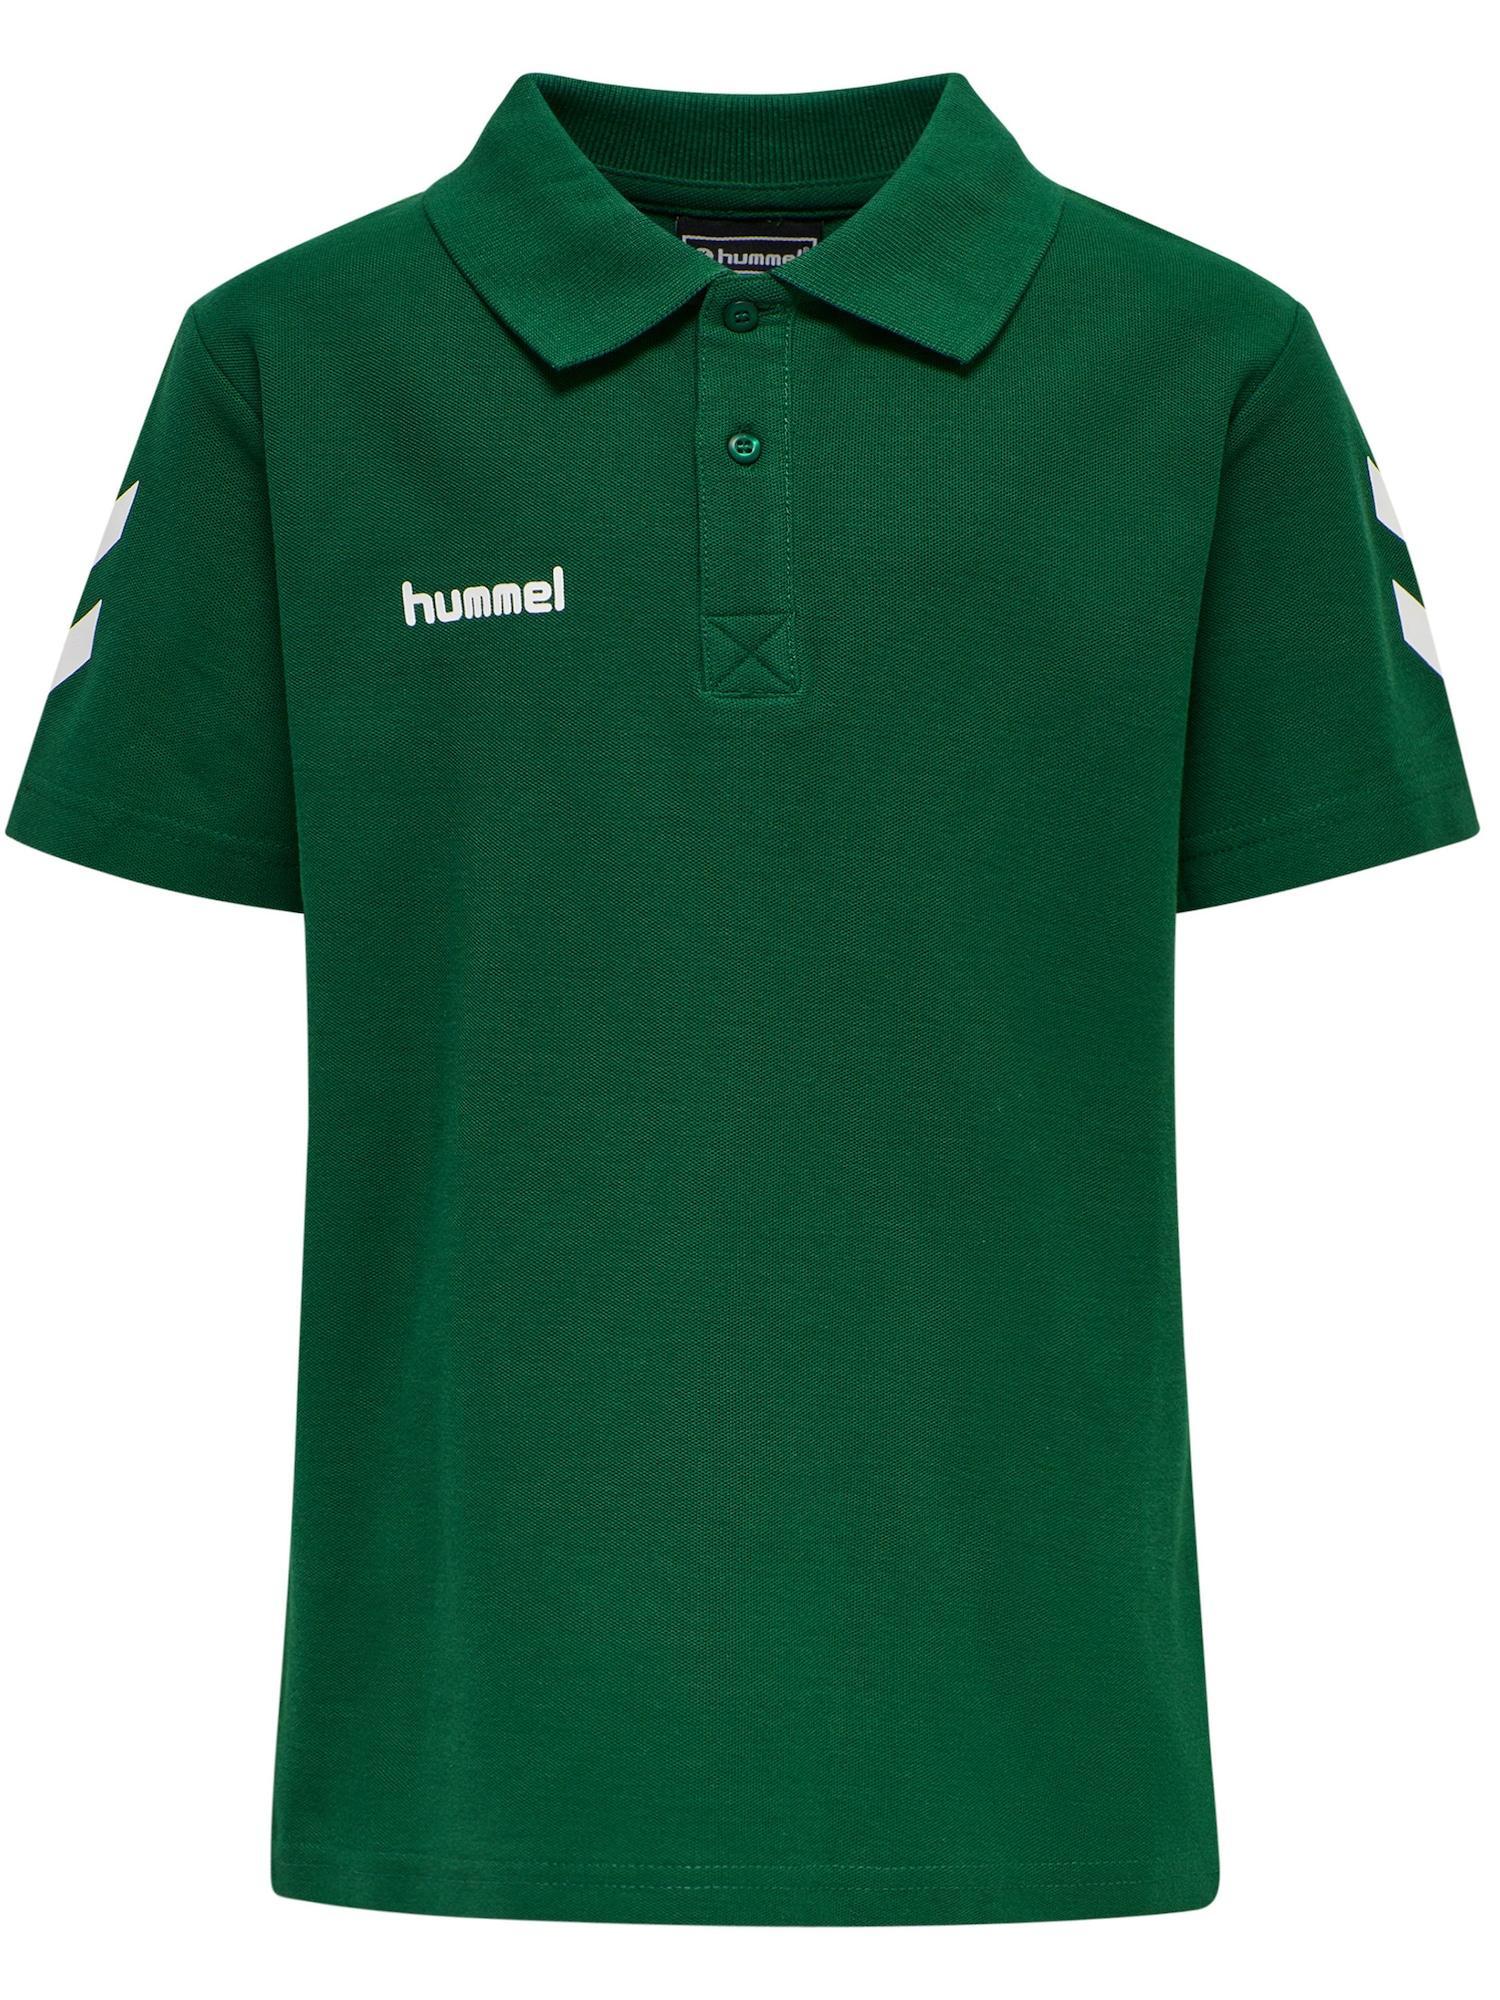 Hummel Poloshirt grün / weiß